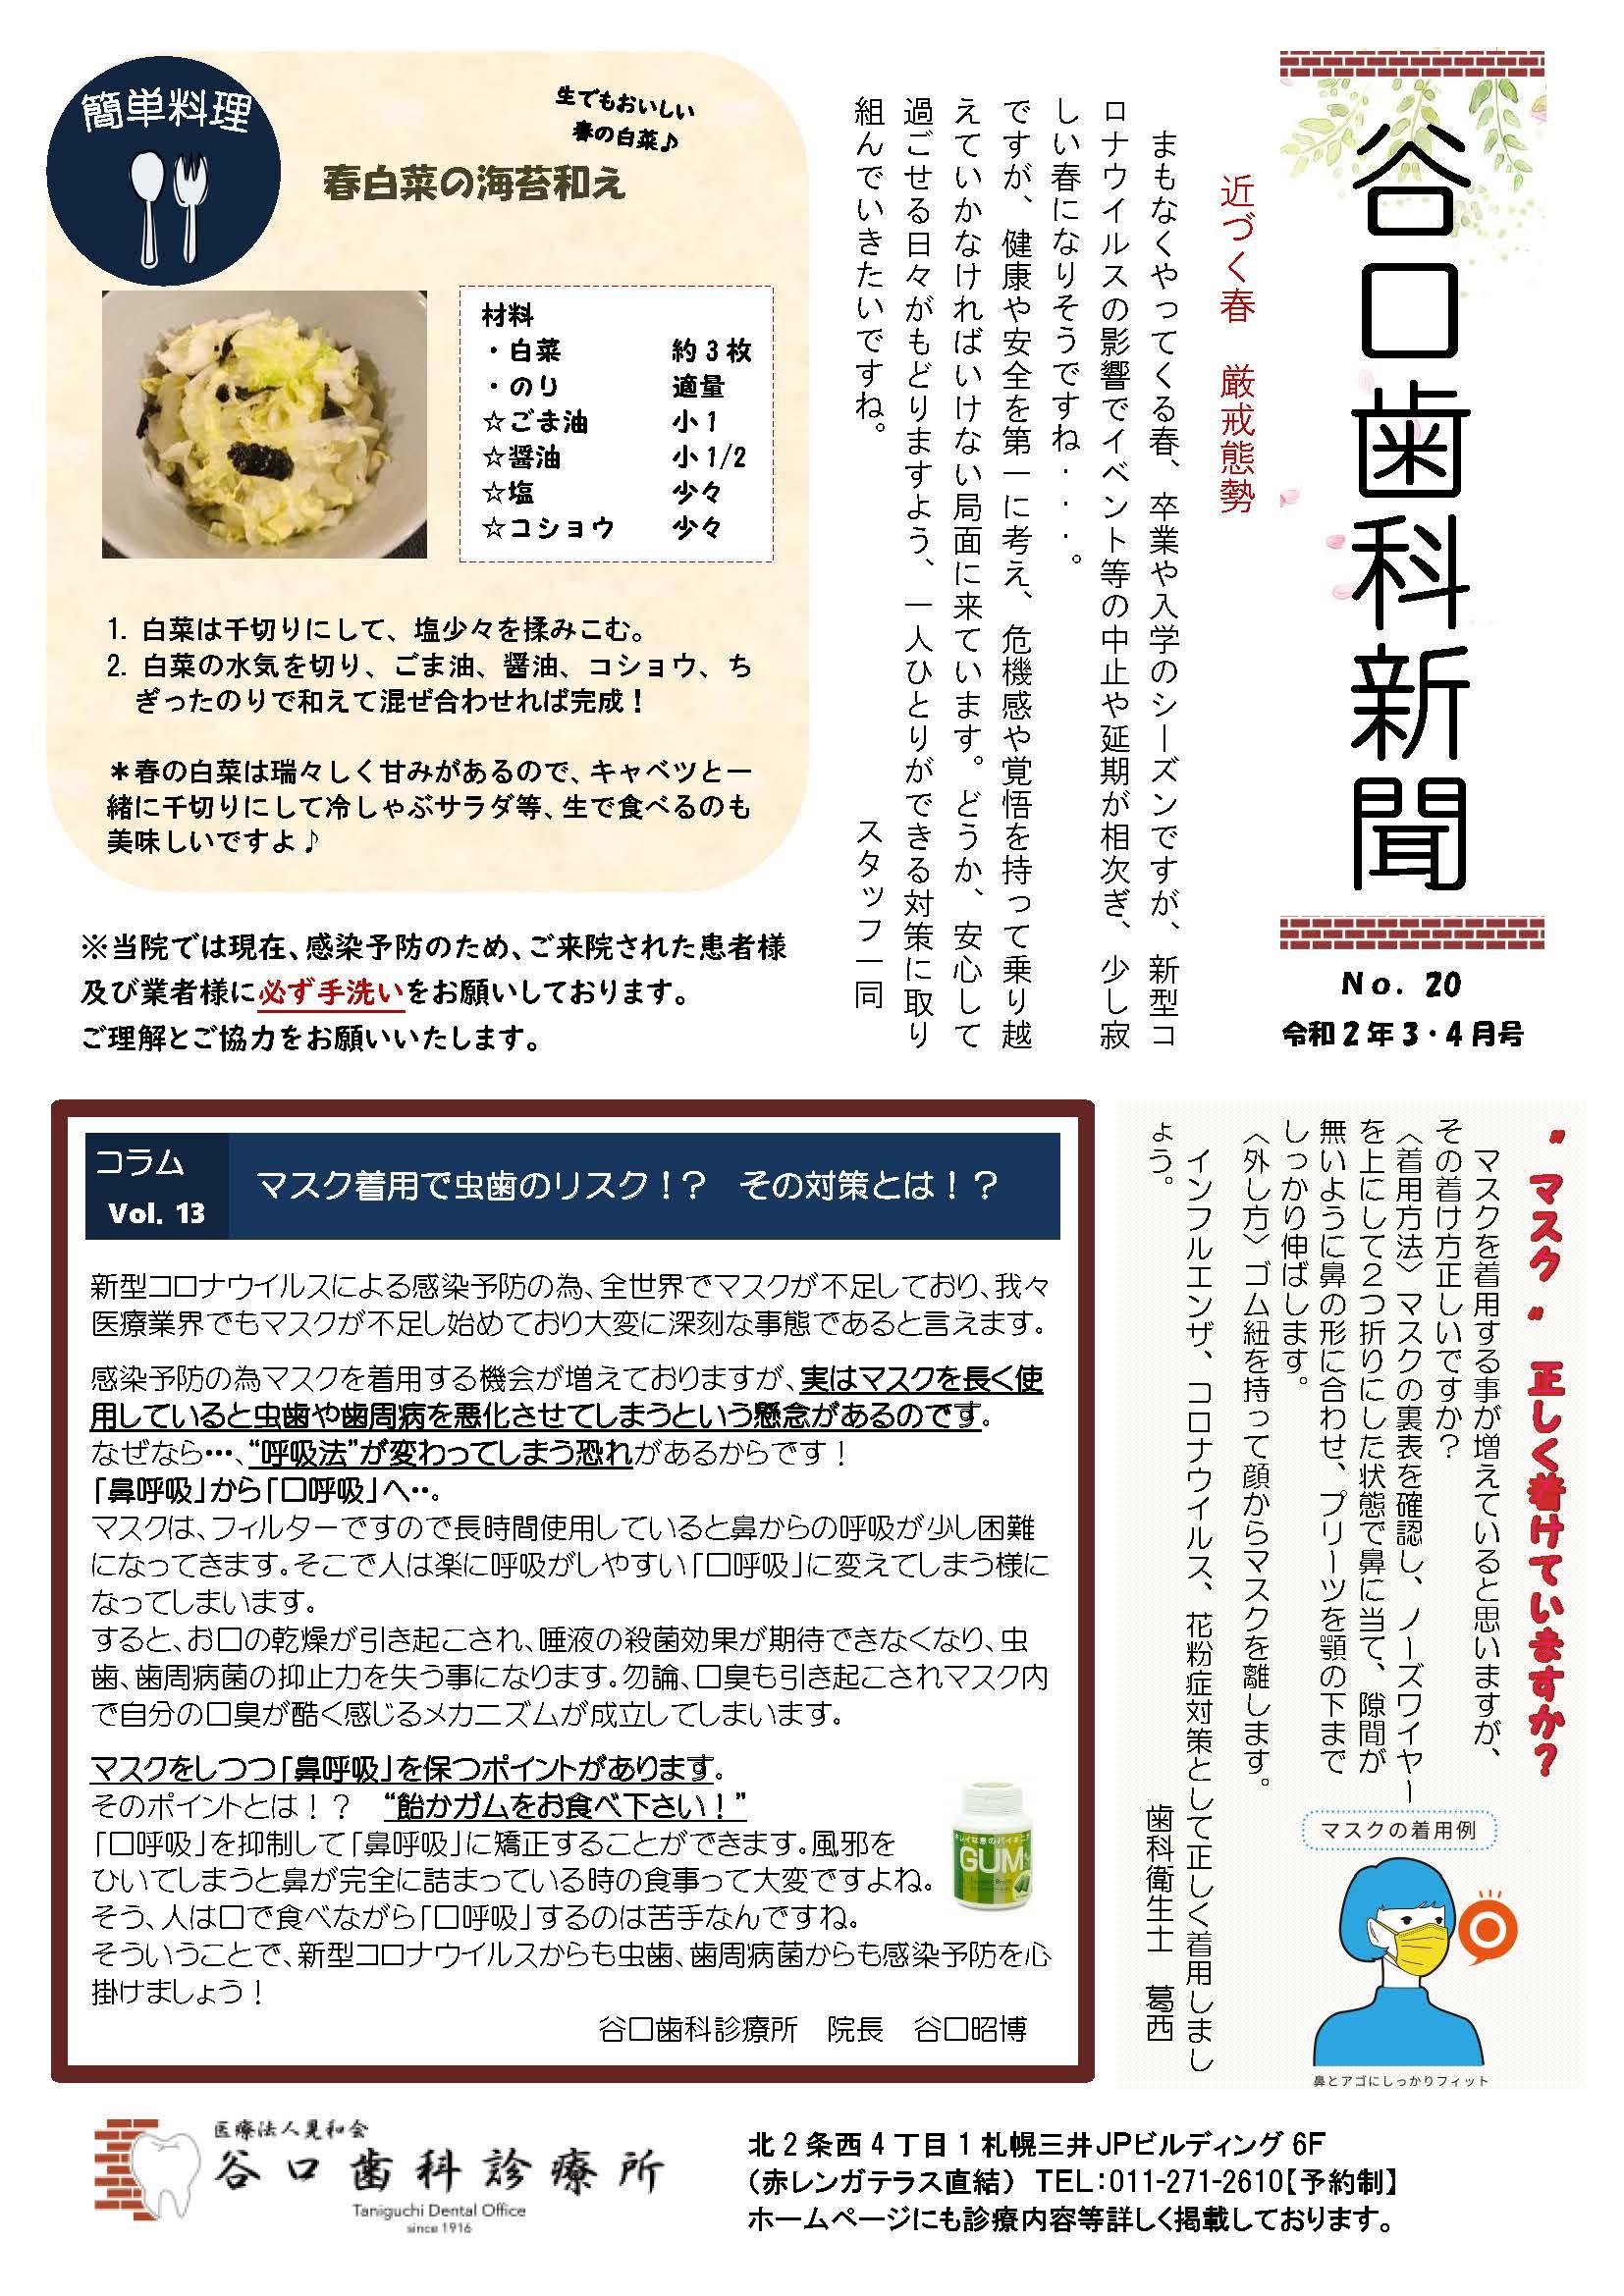 谷口歯科新聞R02年3・4月